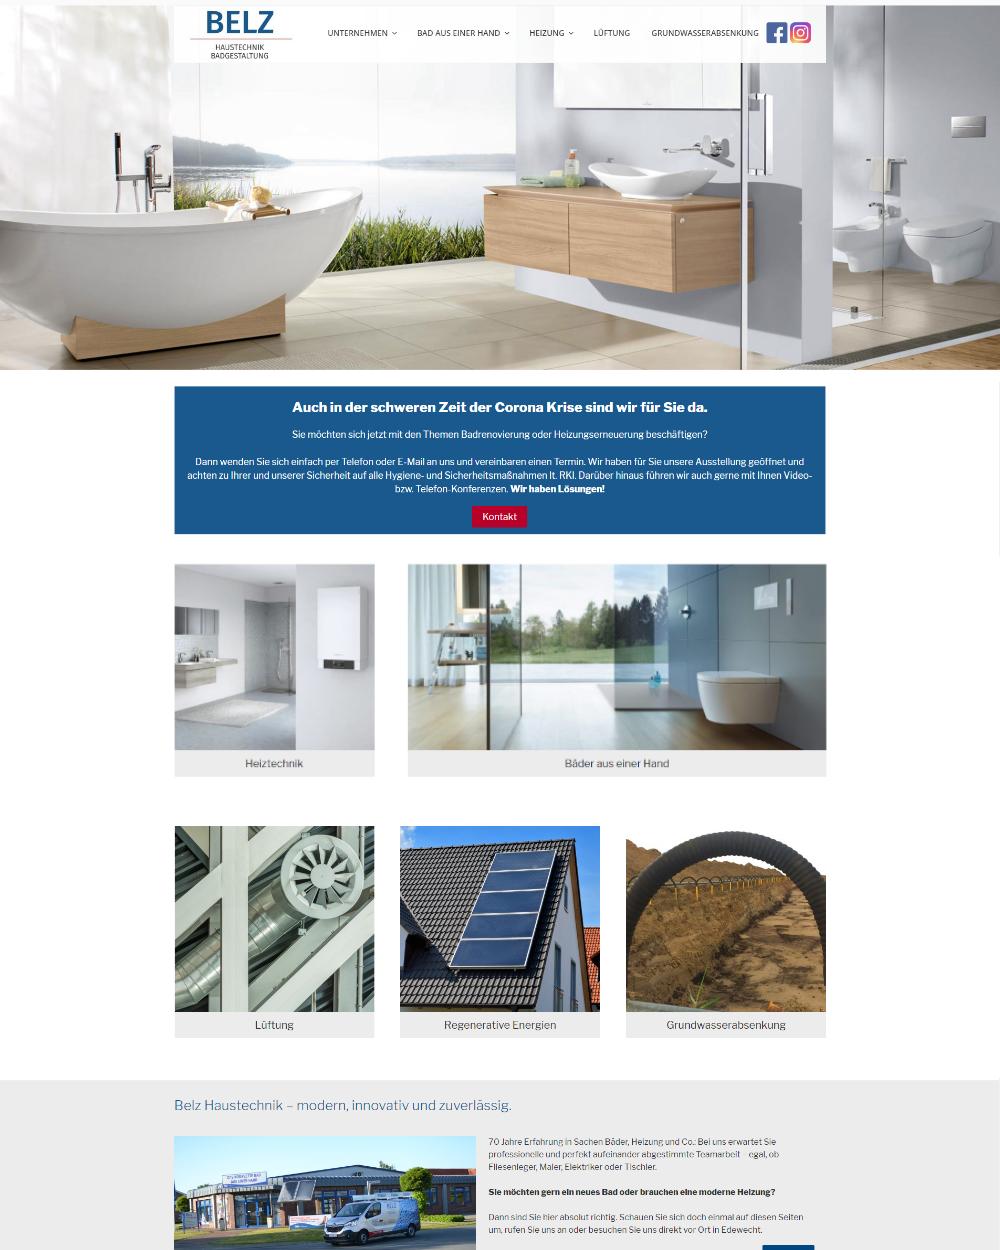 Website von Belz Hautechnik GmbH in Edewecht